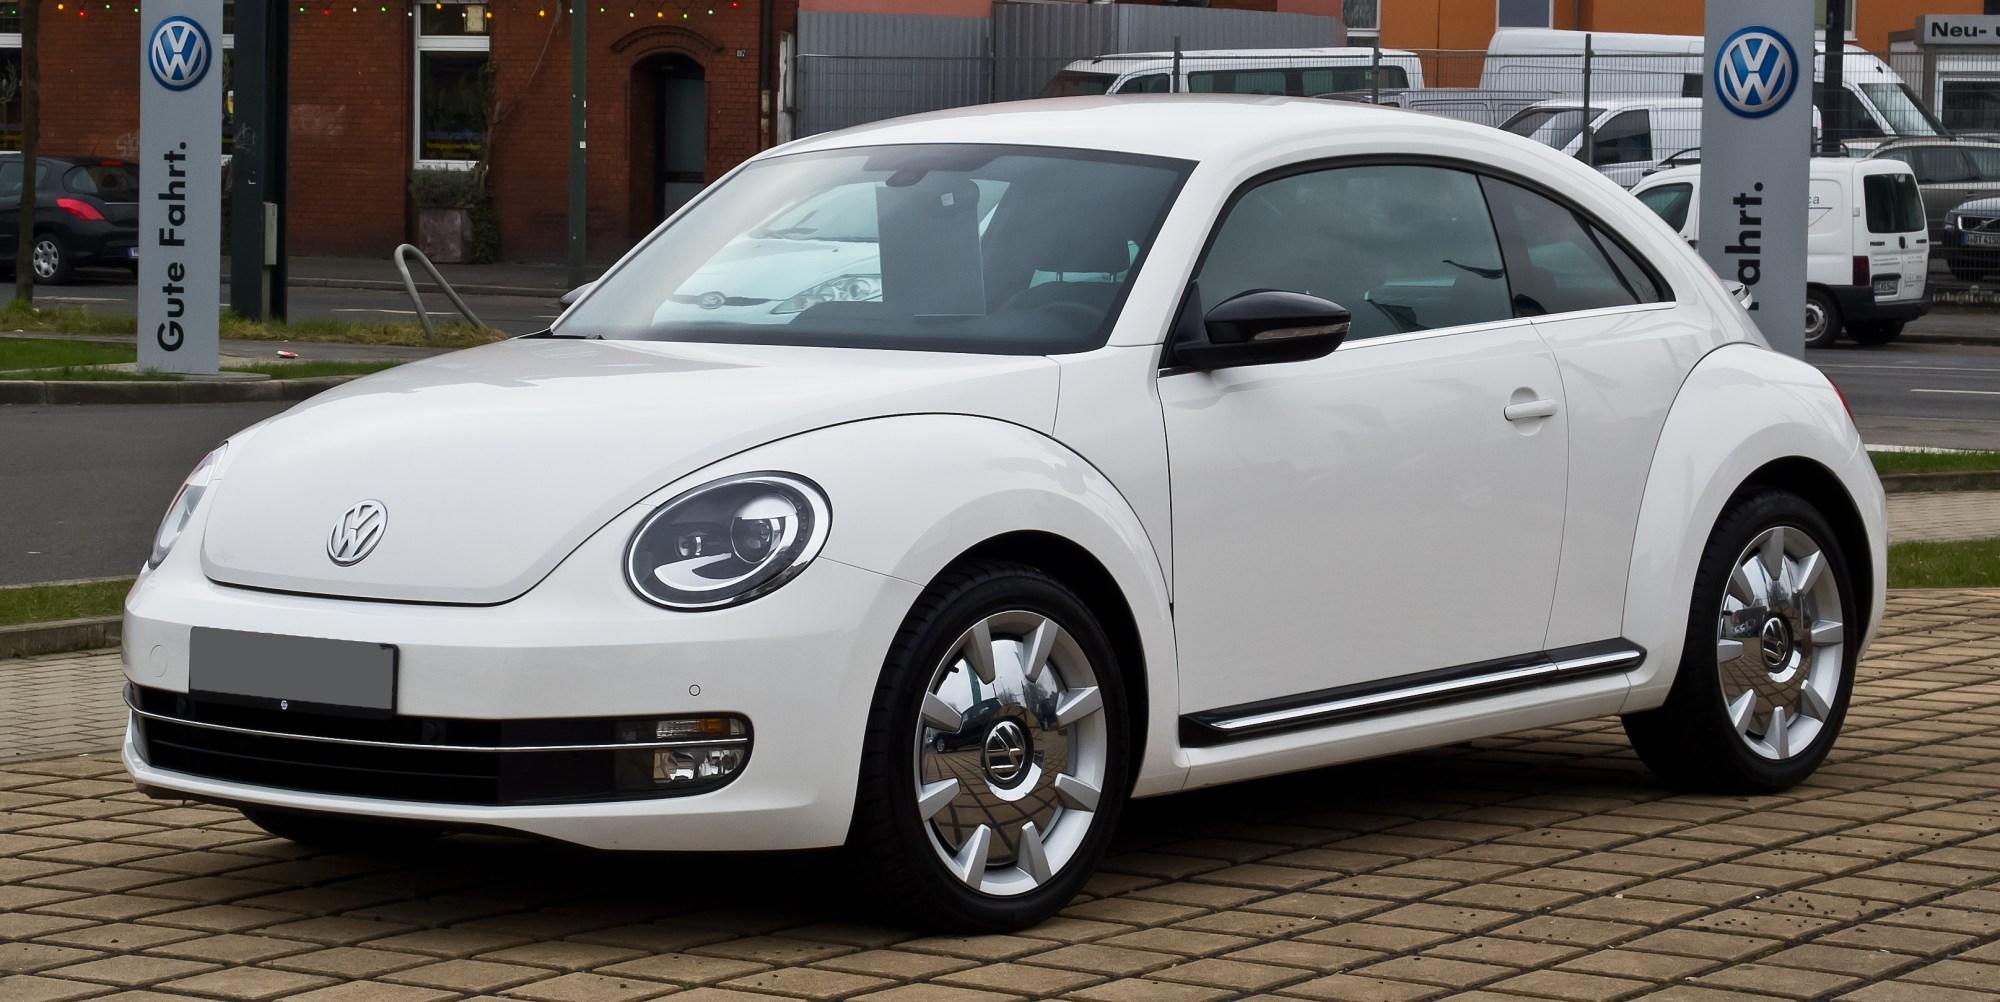 hight resolution of volkswagen beetle volkswagen service and repair sacramento ipb autosport